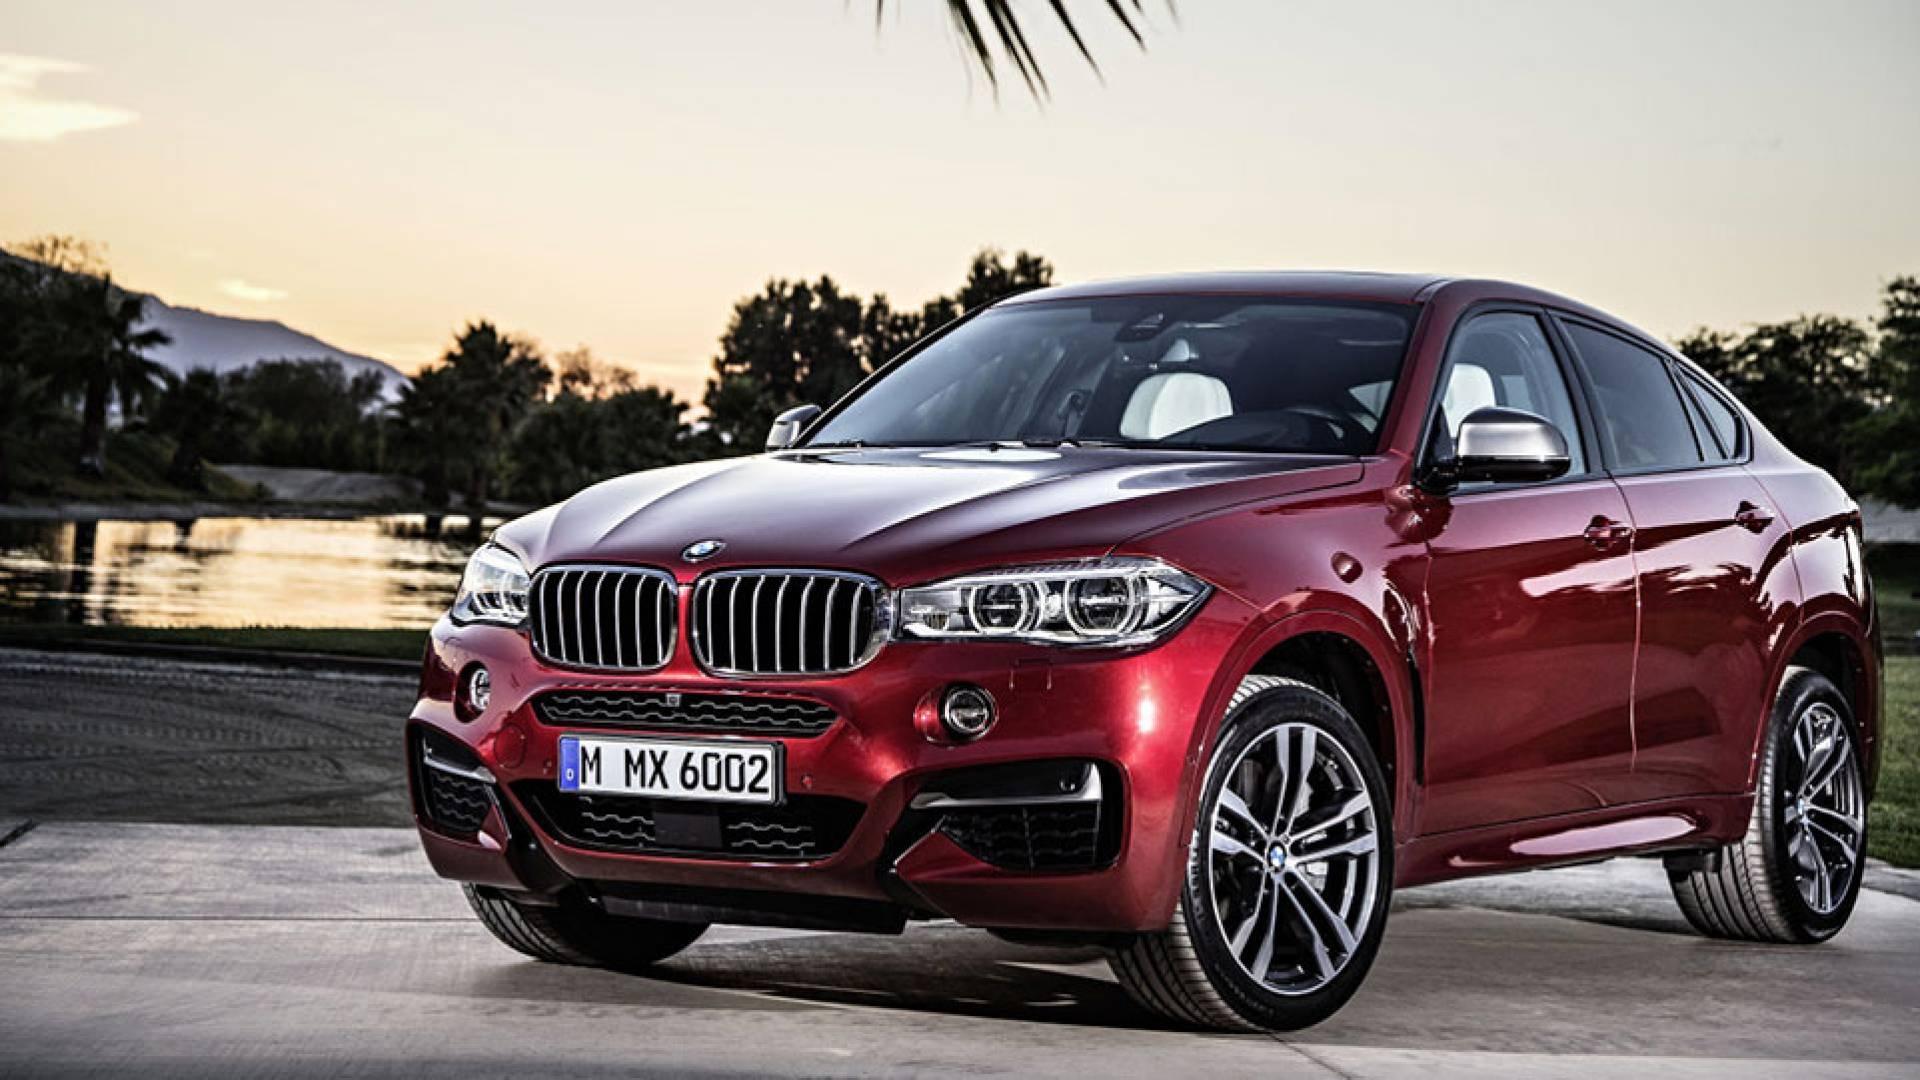 Hyundai Del Rio >> BMW X6 y X6 M: precios, prueba, ficha técnica y fotos